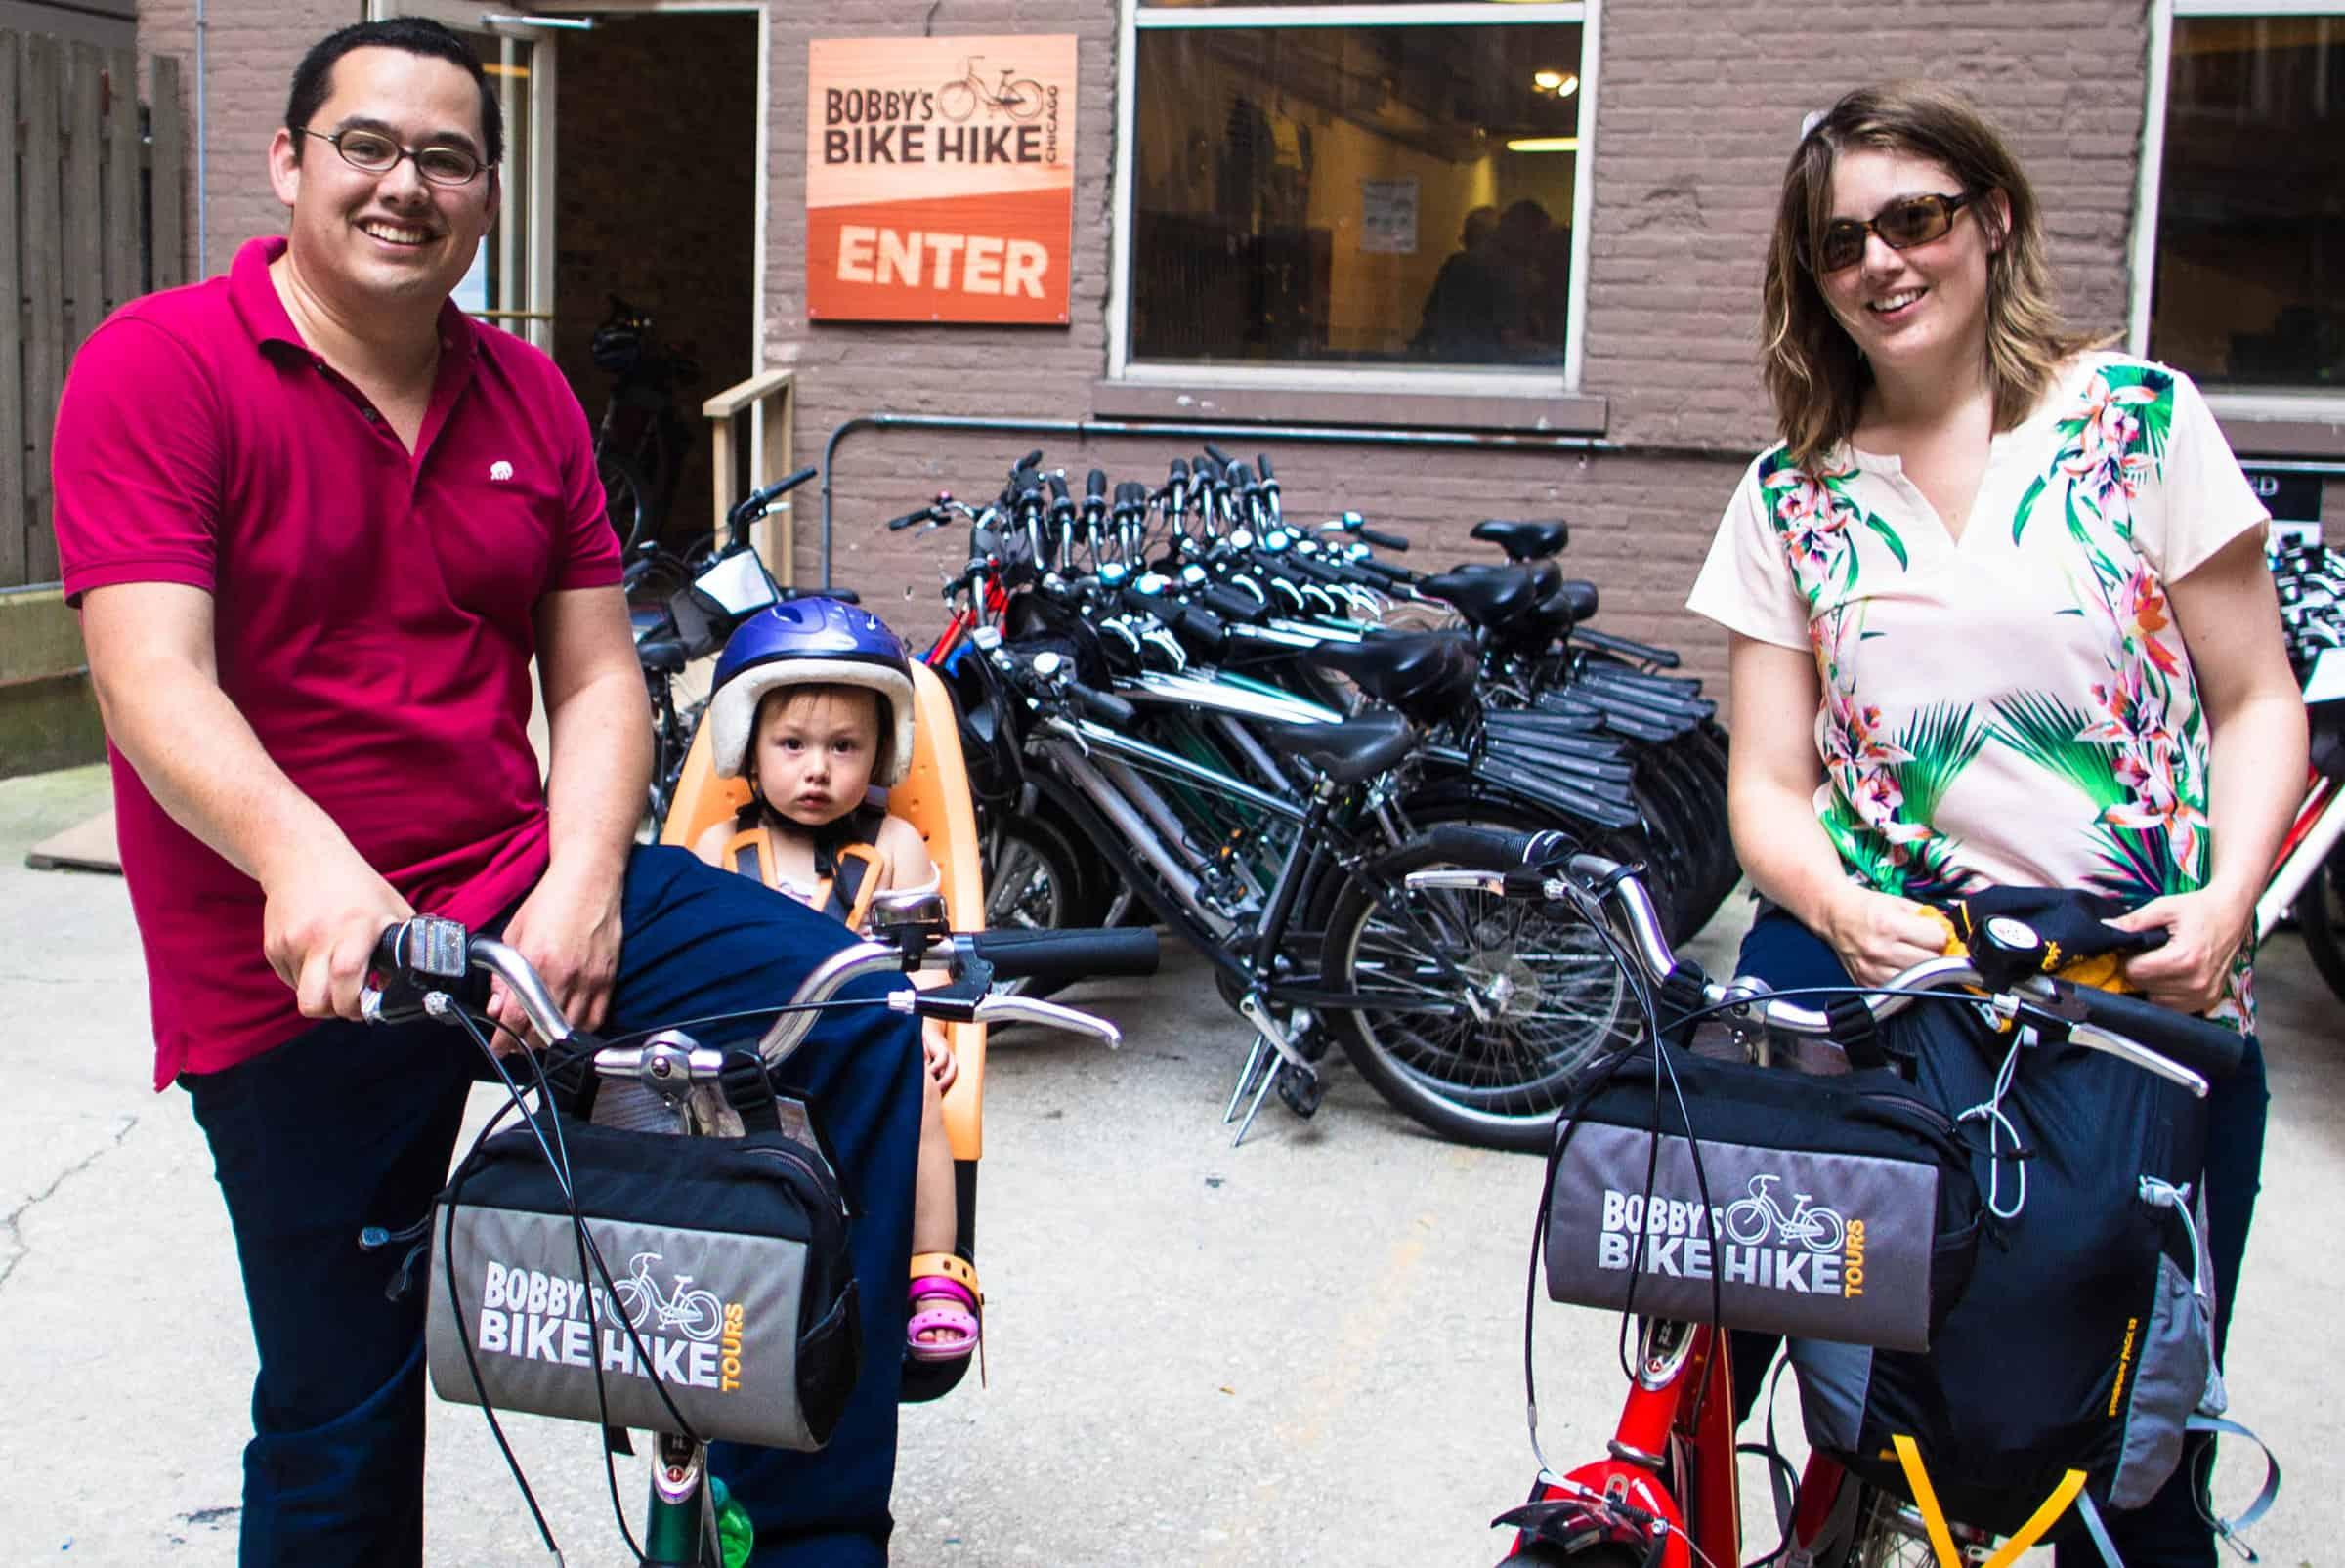 Huur makkelijk een fiets (met kinderzitje) bij Bobby's Bike Rental